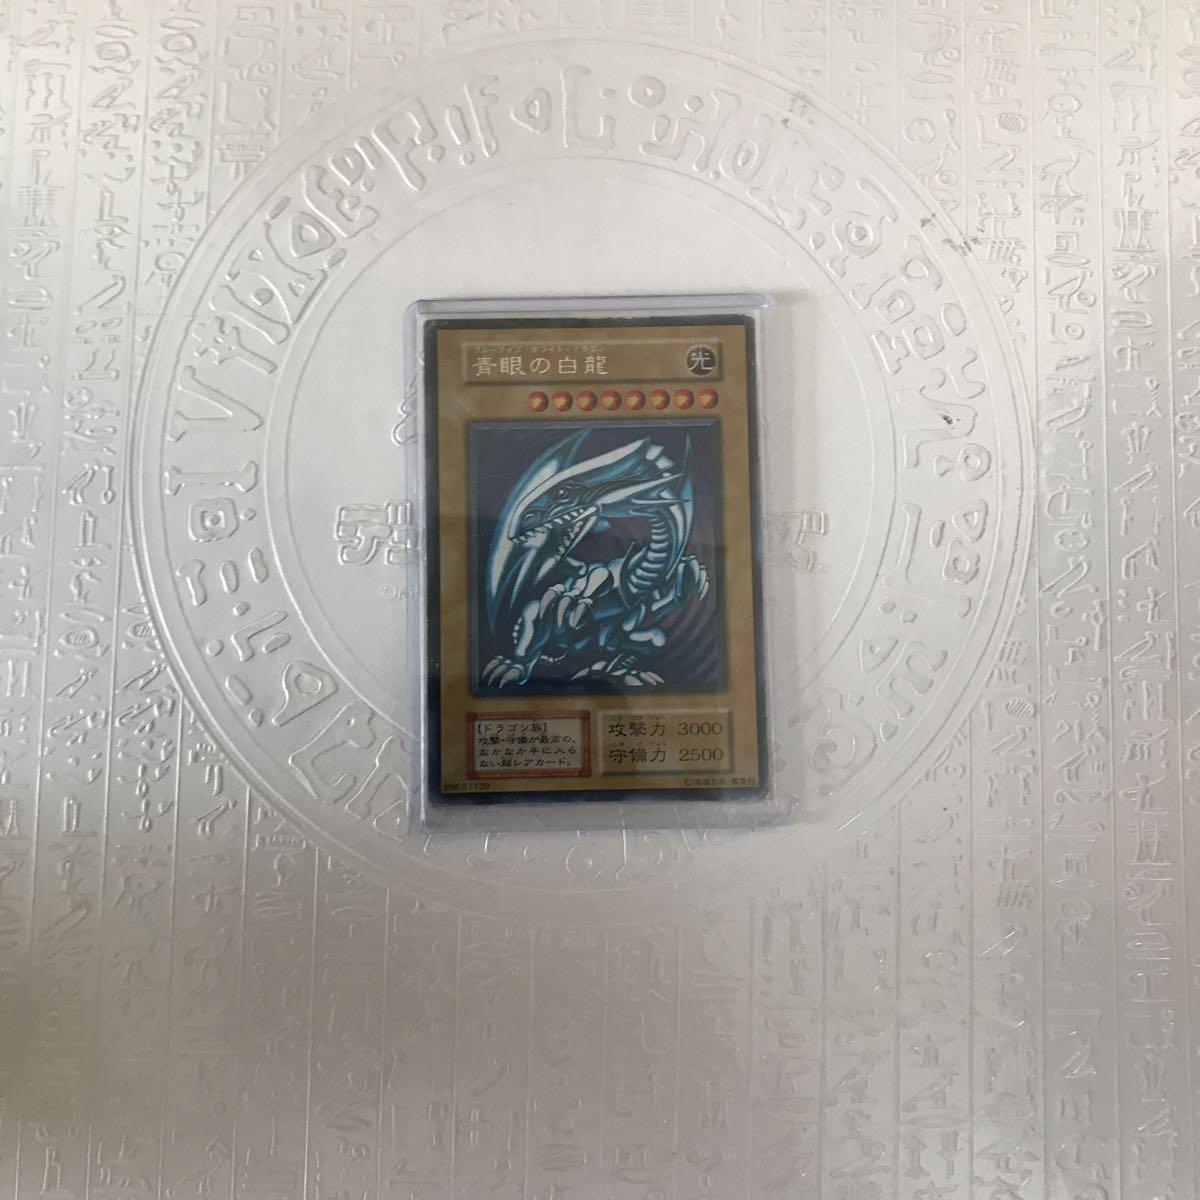 遊戯王 ブルーアイズホワイトドラゴン シークレット 初期 大会参加400人限定カード